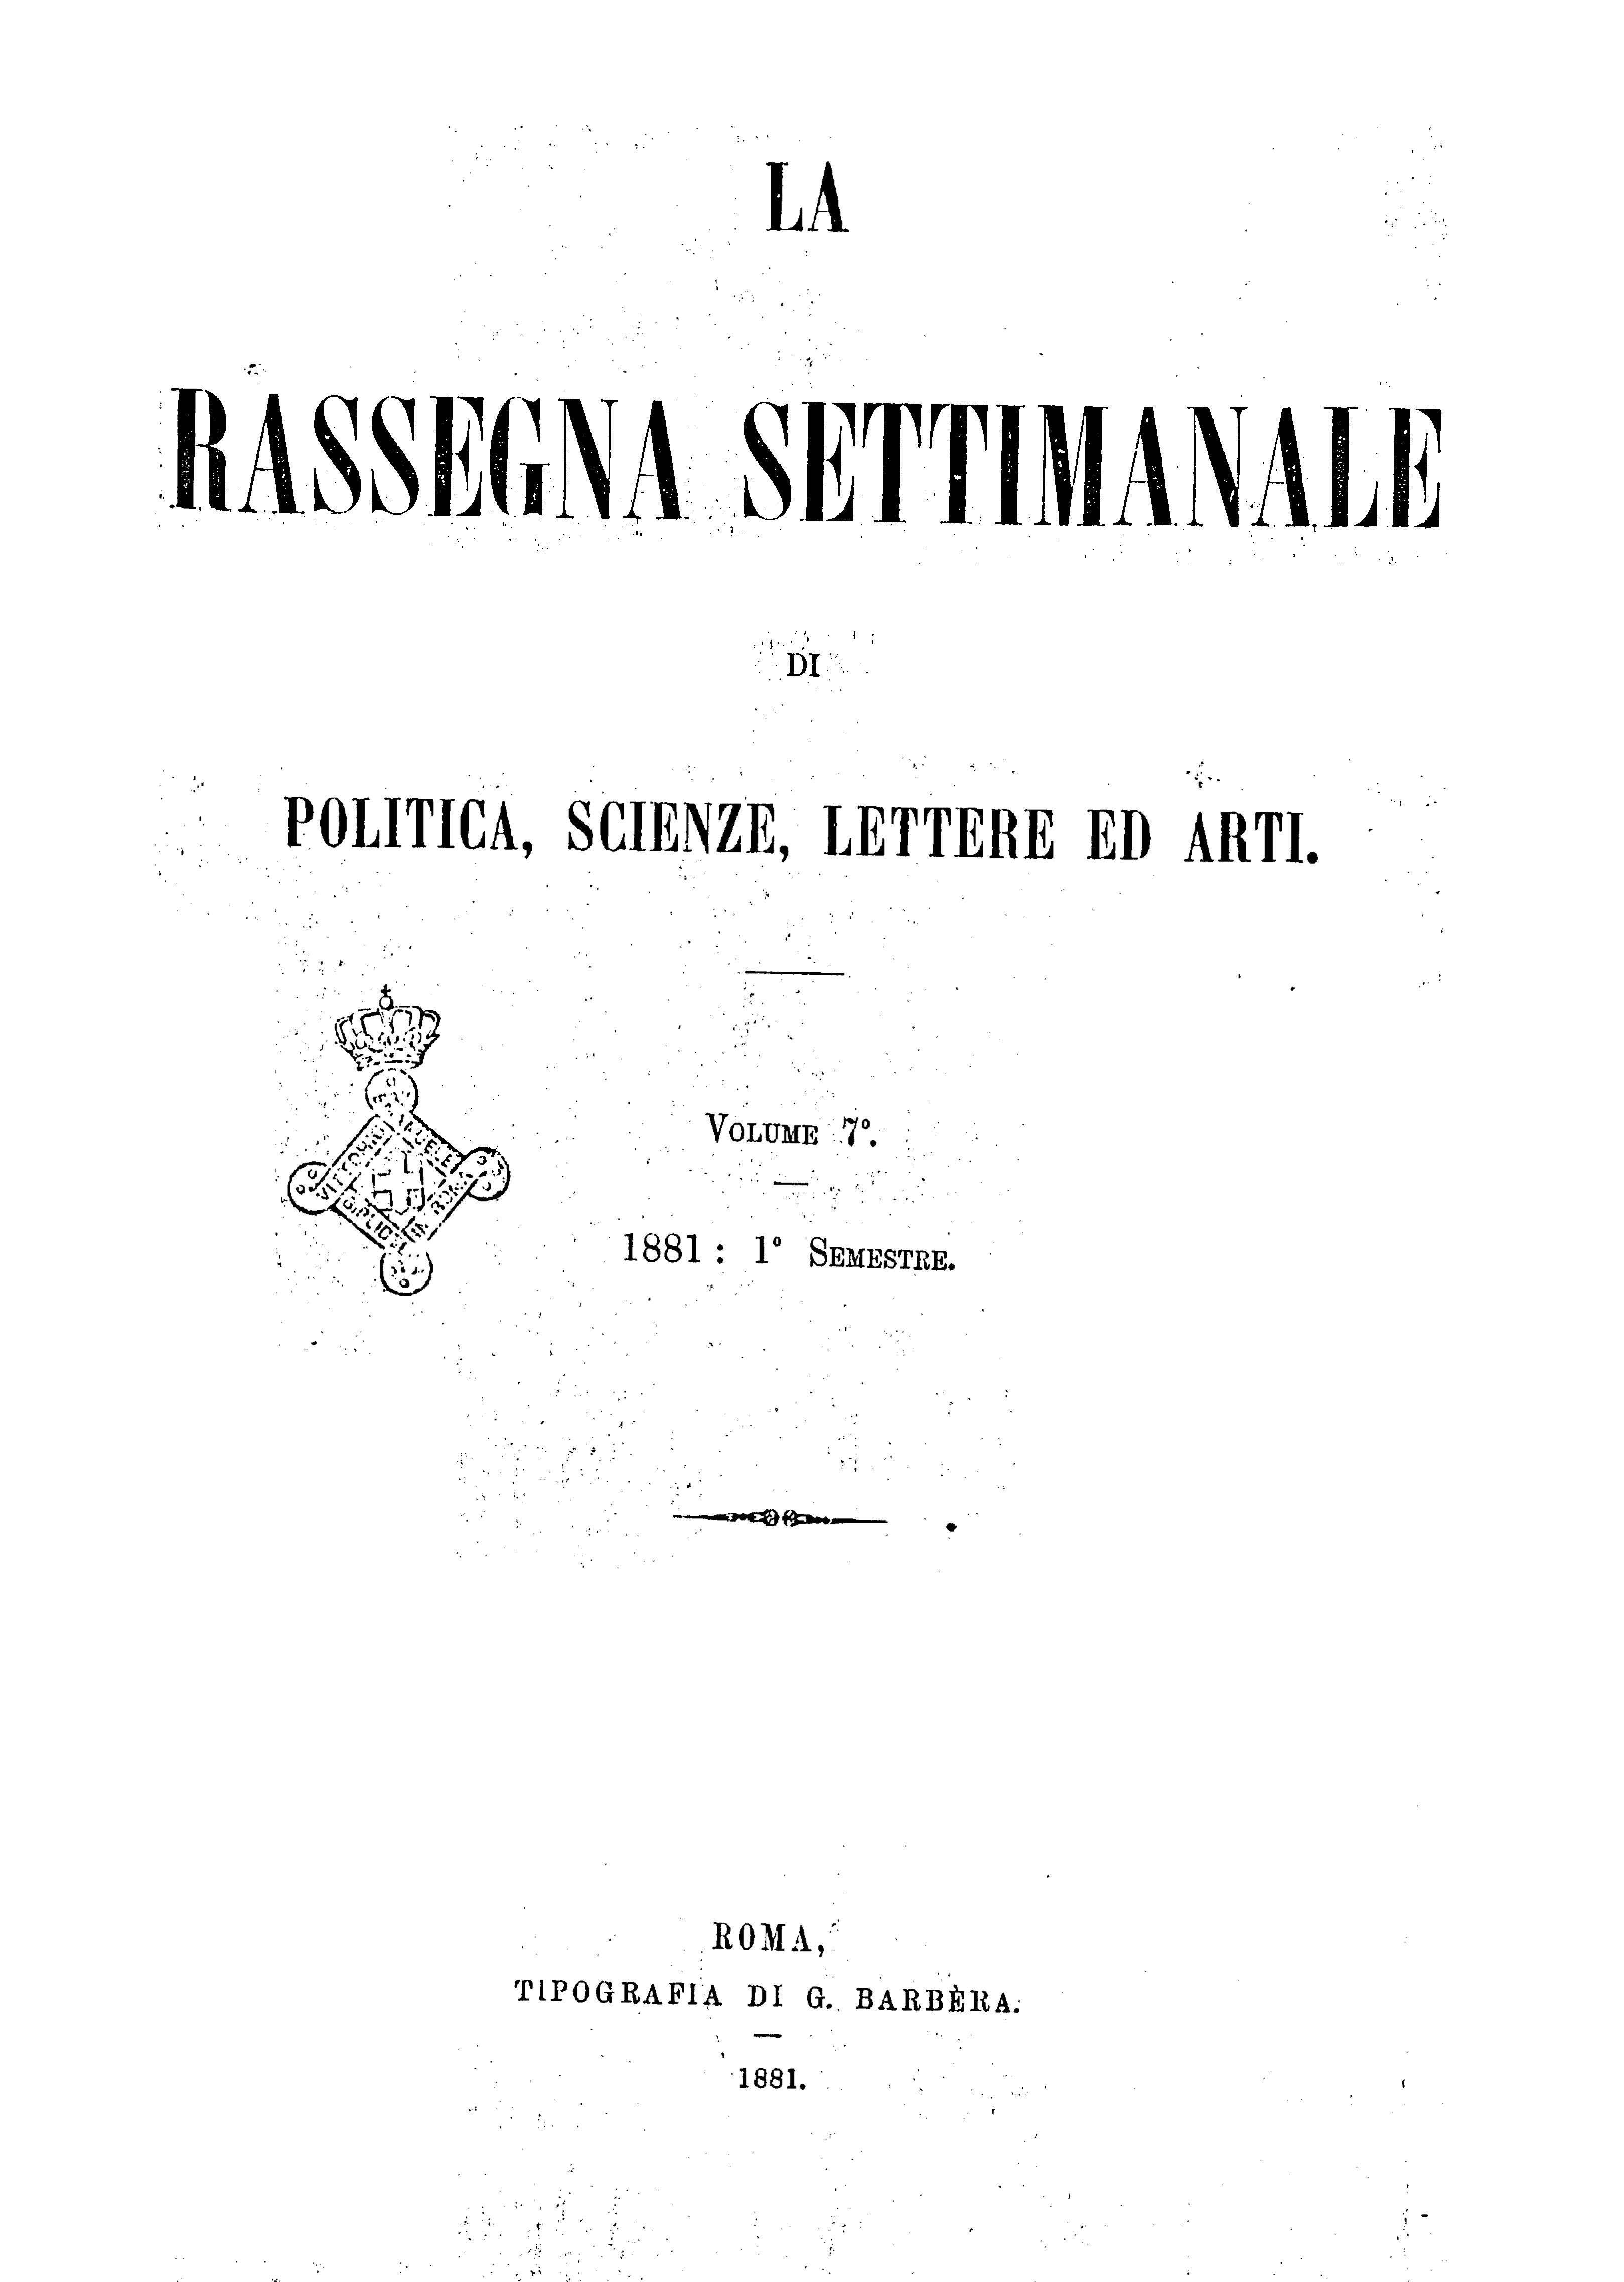 Fascicolo 182 - Volume 7 - 1881 - Semestre 1 - Trimestre 2